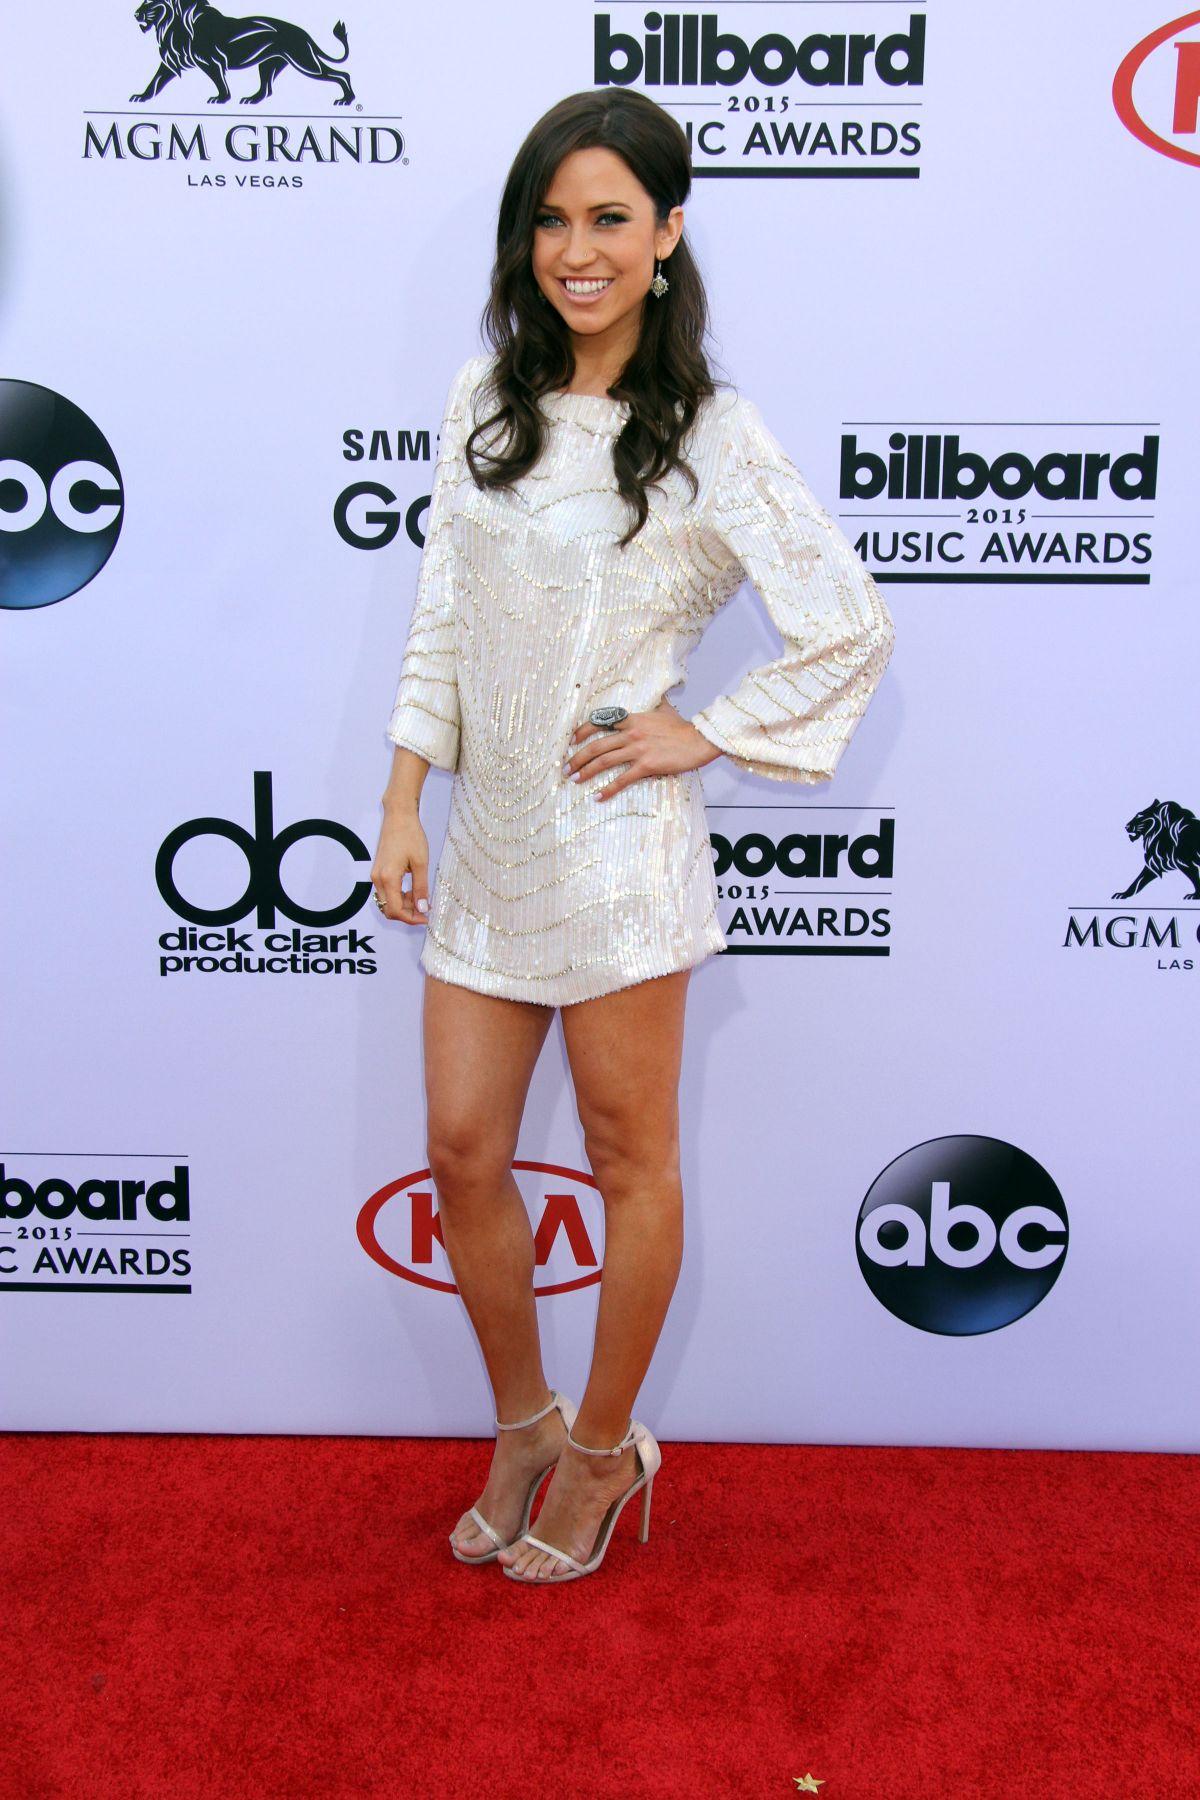 KAITLYN BRISTOWE at 2015 Billboard Music Awards in Las Vegas